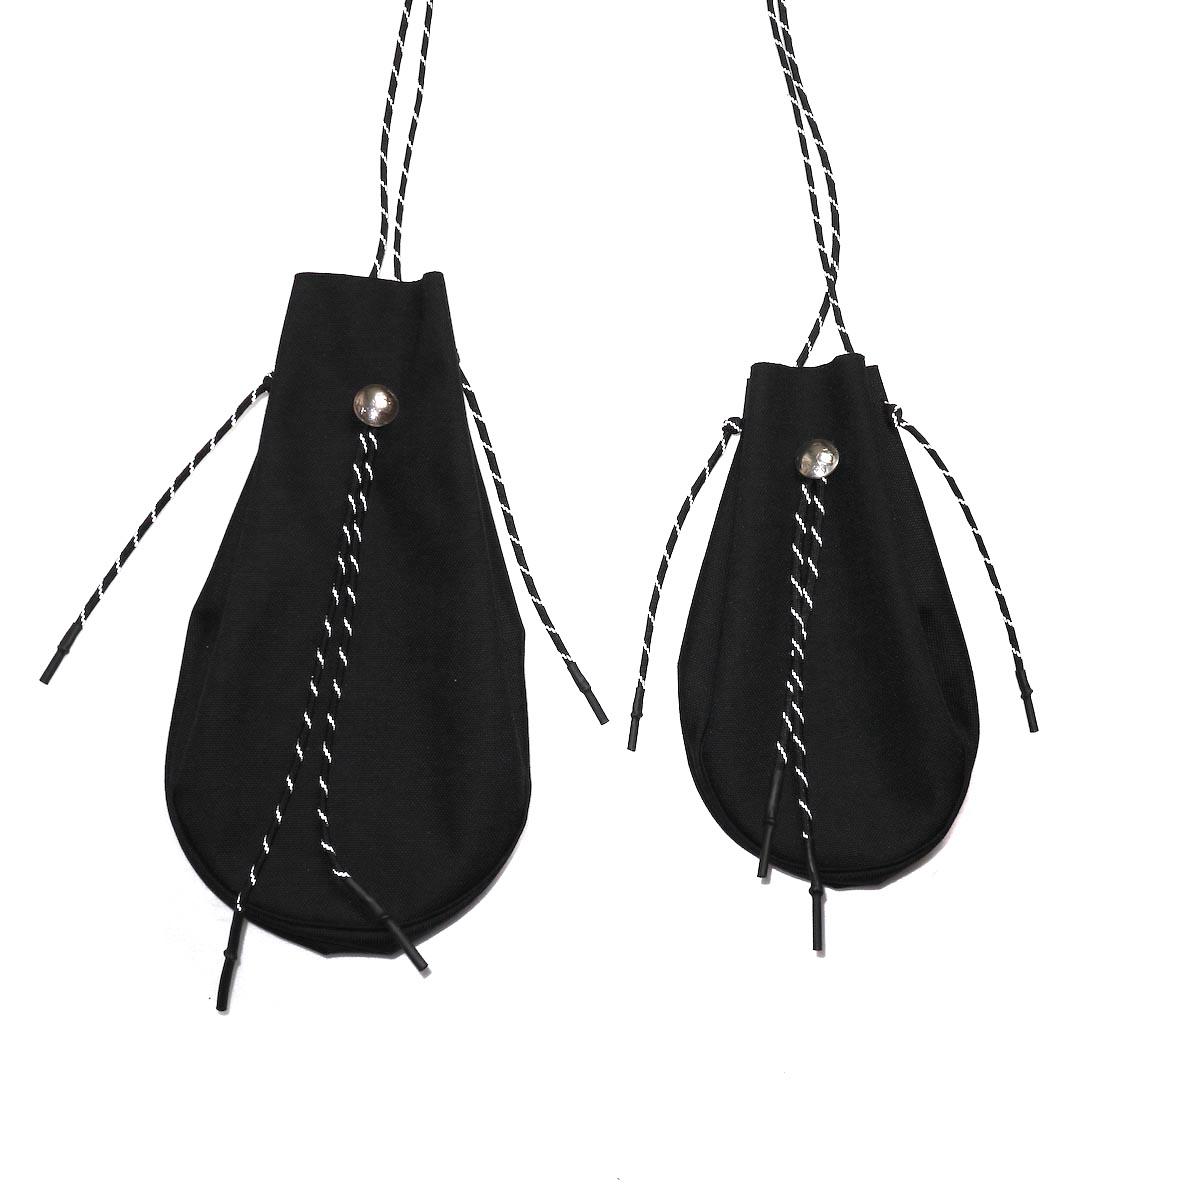 吉岡衣料店 / drawstring bag -S-. w/concho. (Black) LとSの比較